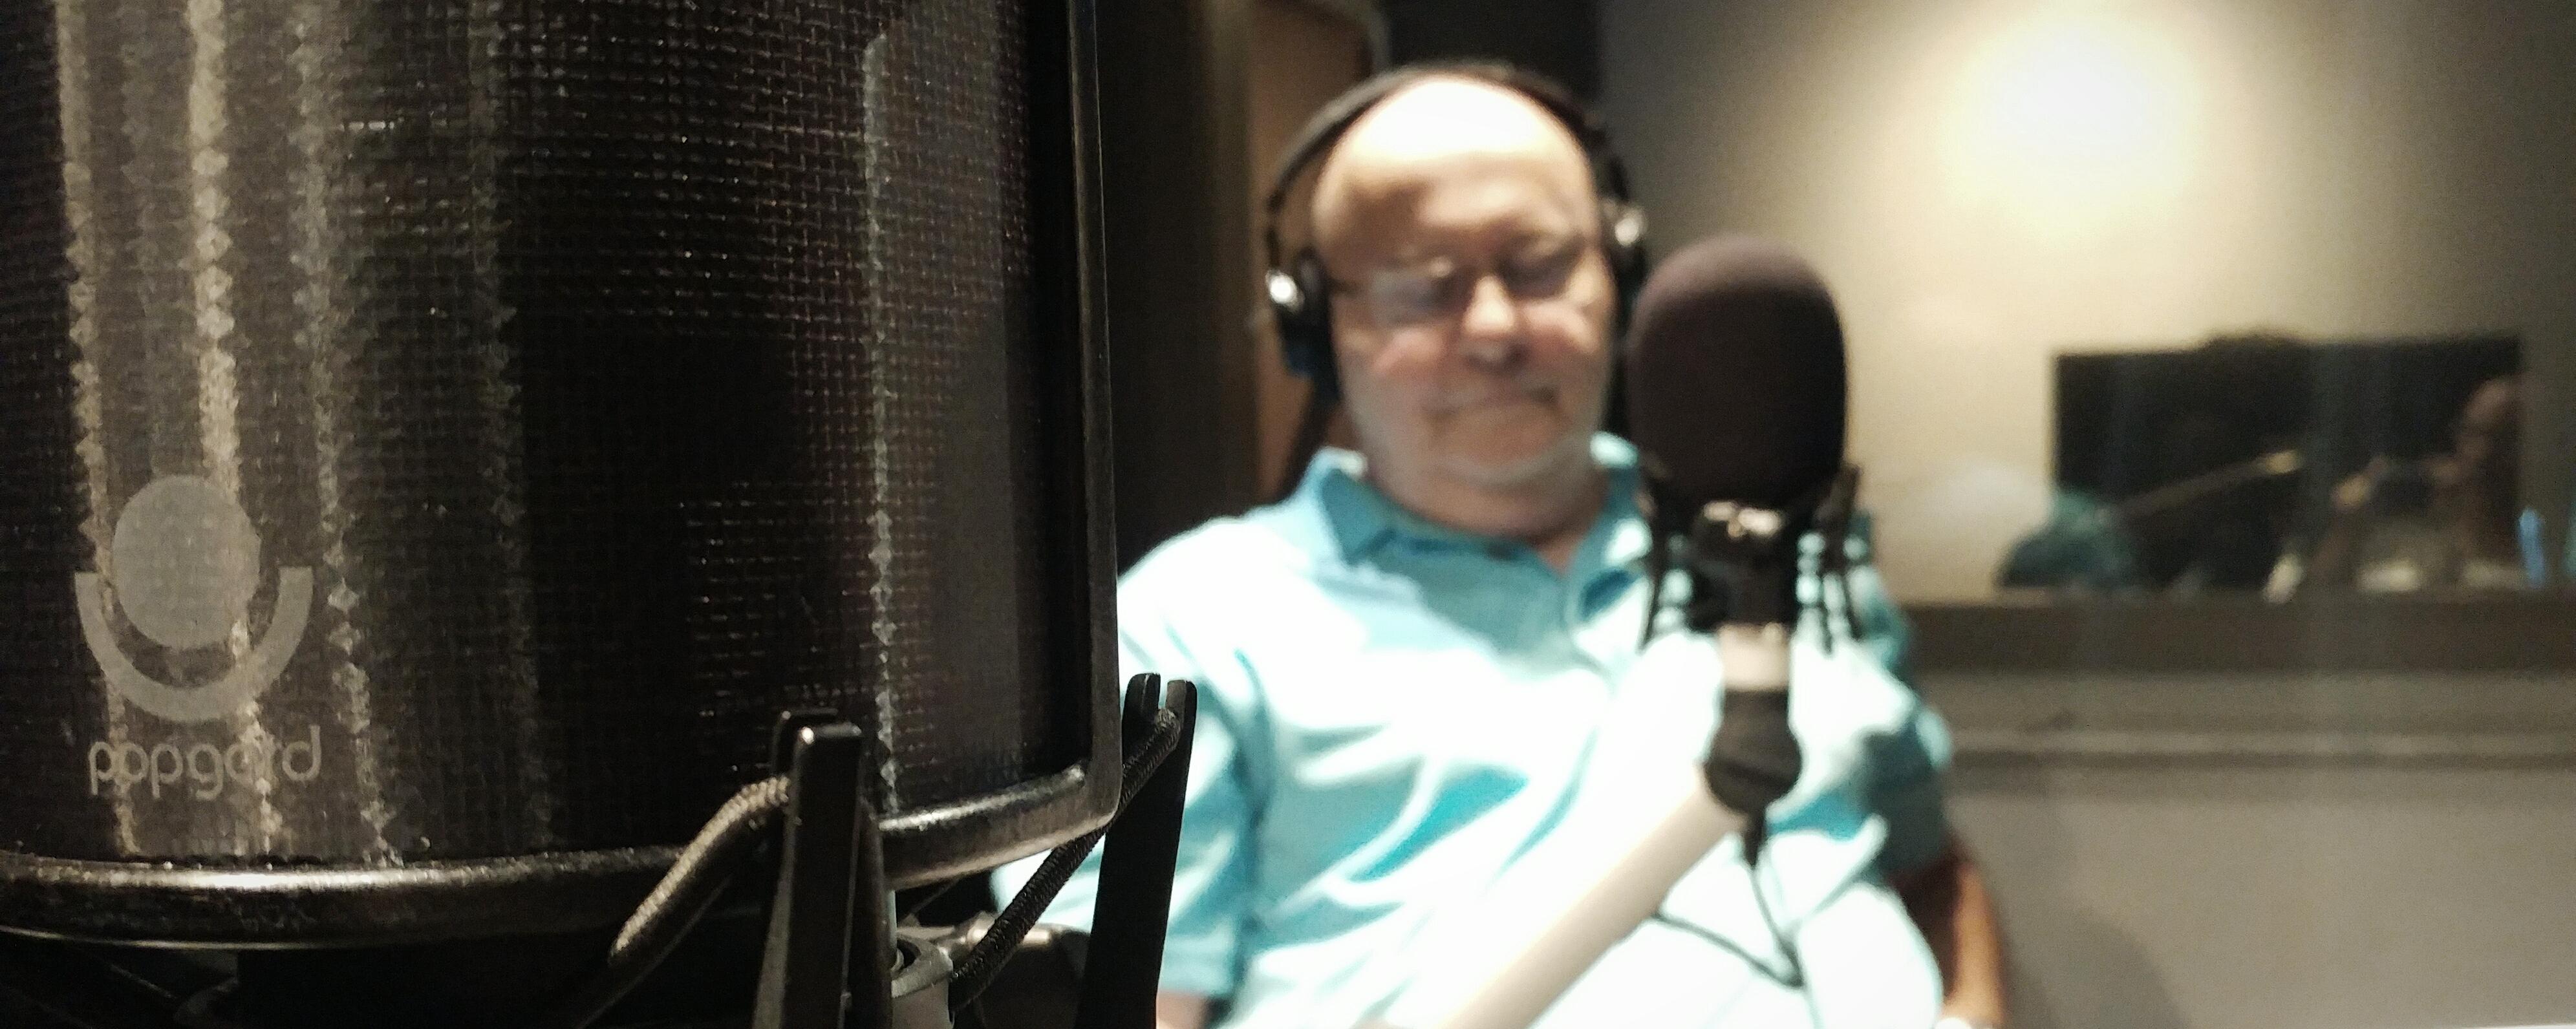 Episode 1 - Bob Grissinger